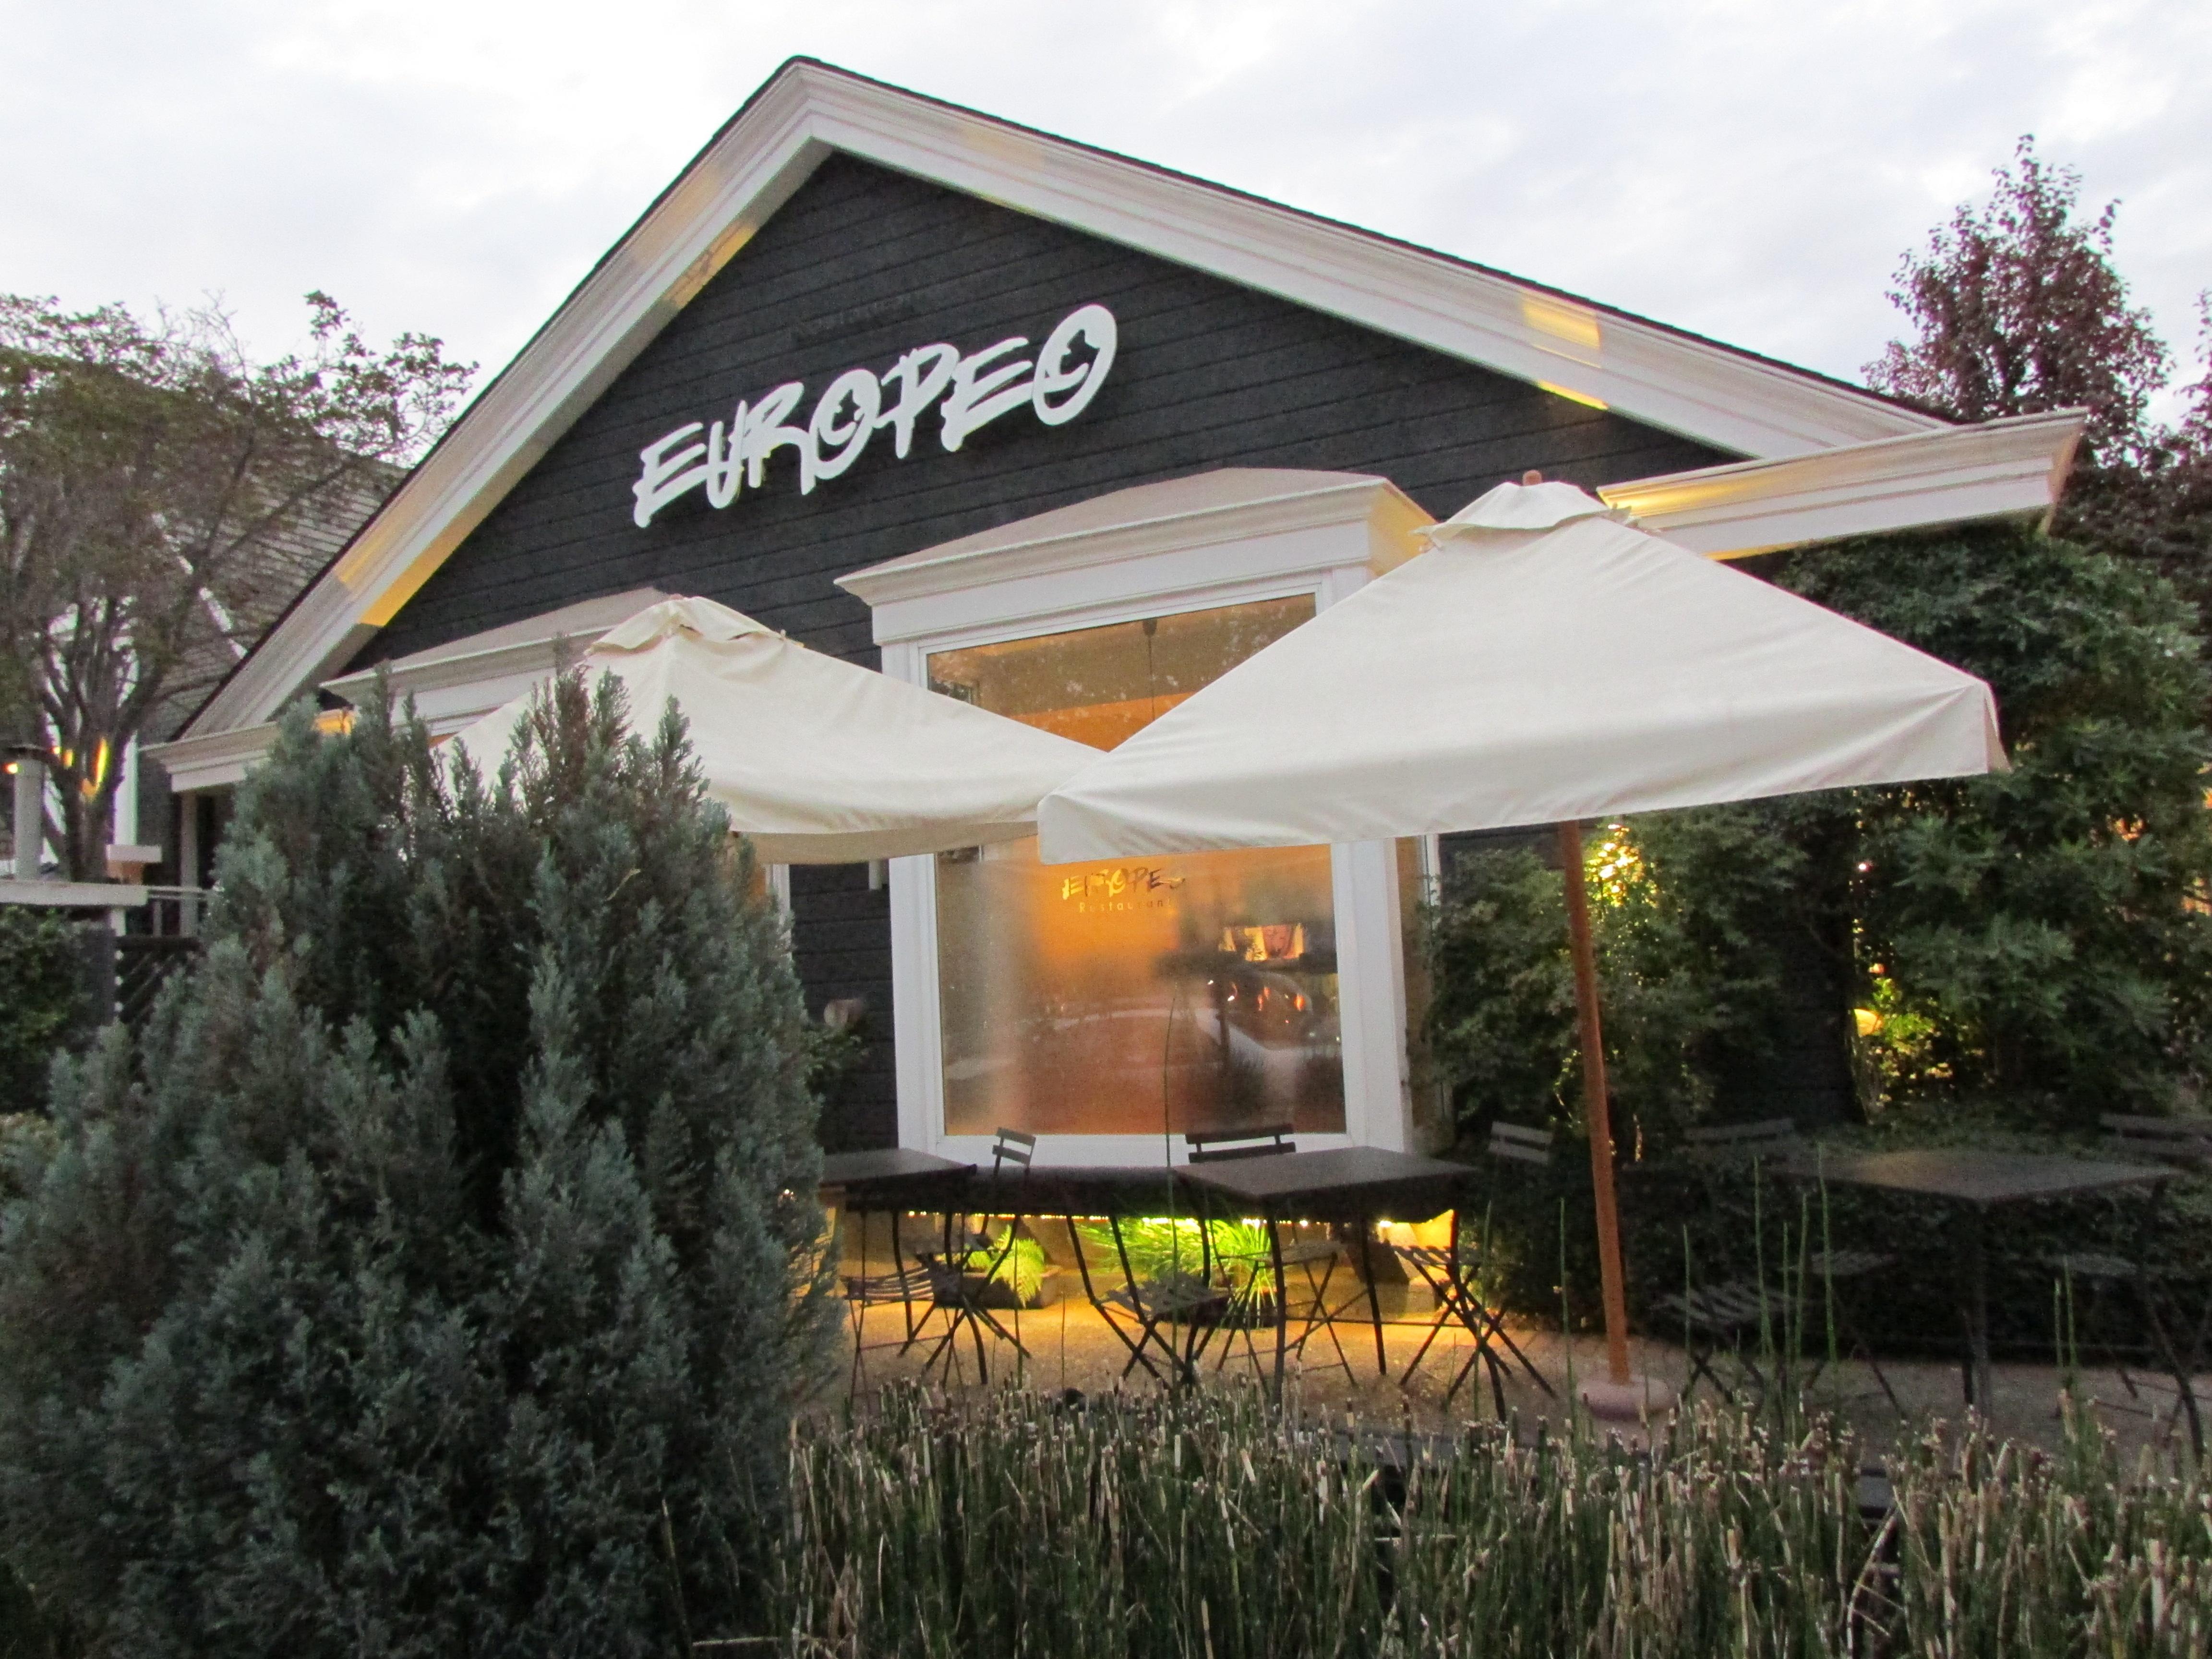 Restaurante Europeo e a premiada cozinha de Santiago